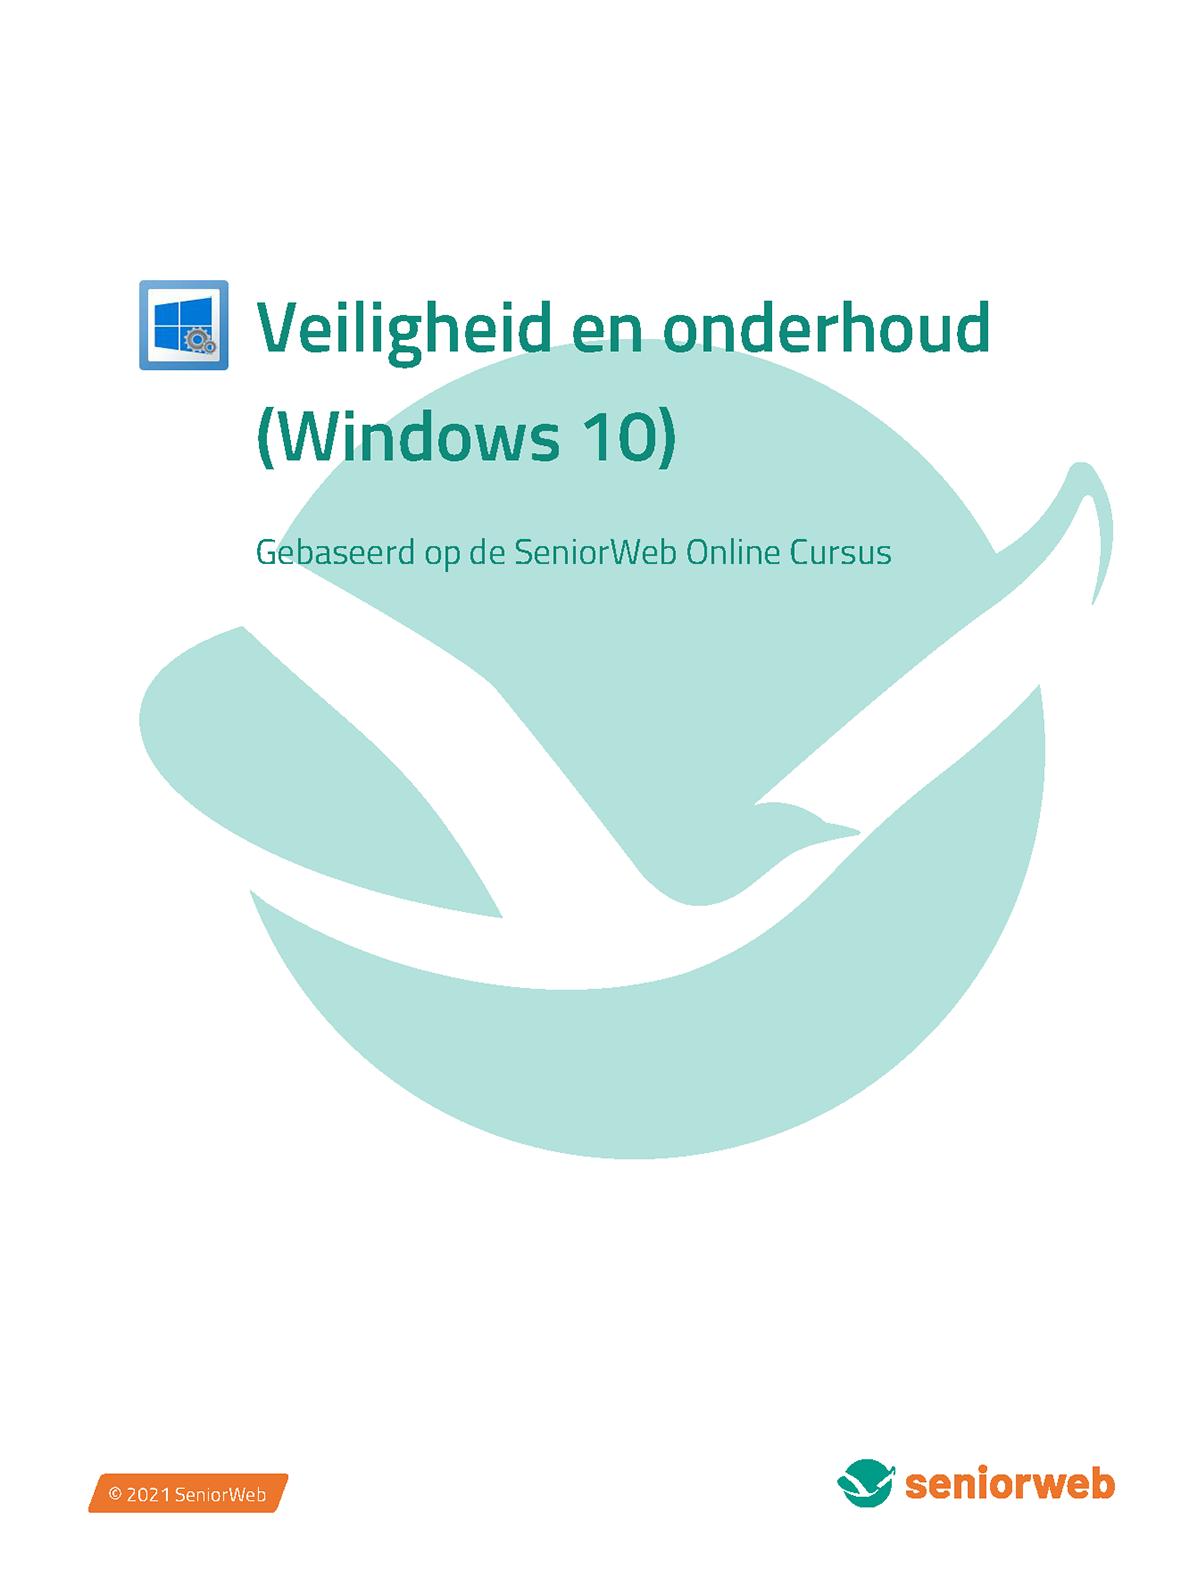 Cursus - Veiligheid en onderhoud (Windows 10)